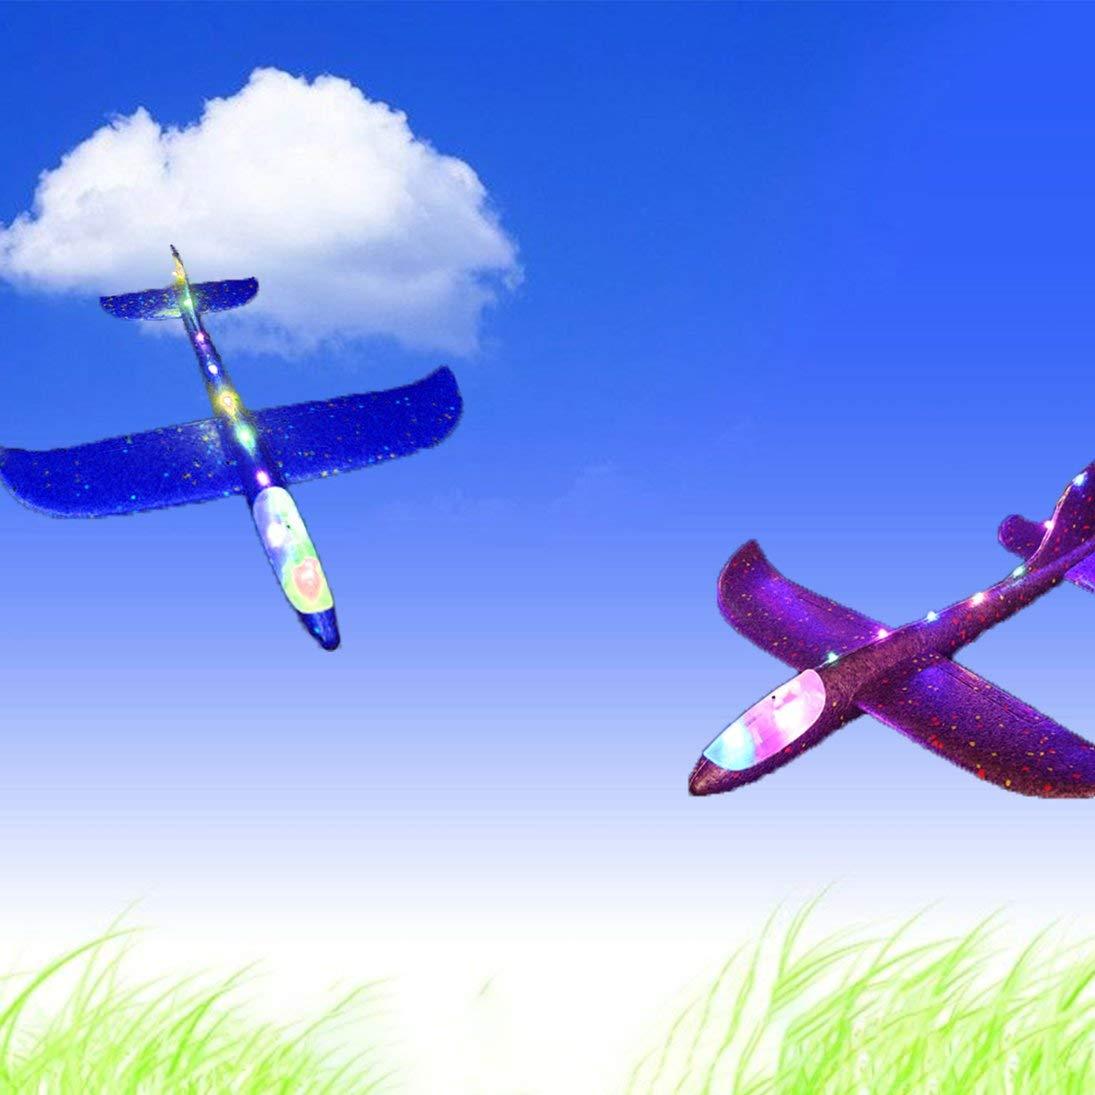 Togames-ES Iluminaci/ón Lanzamiento de Avi/ón Espuma Planeador Espuma Inercia Avi/ón Juguete Lanzamiento a Mano Mini Avi/ón Juguetes para ni/ños al Aire Libre